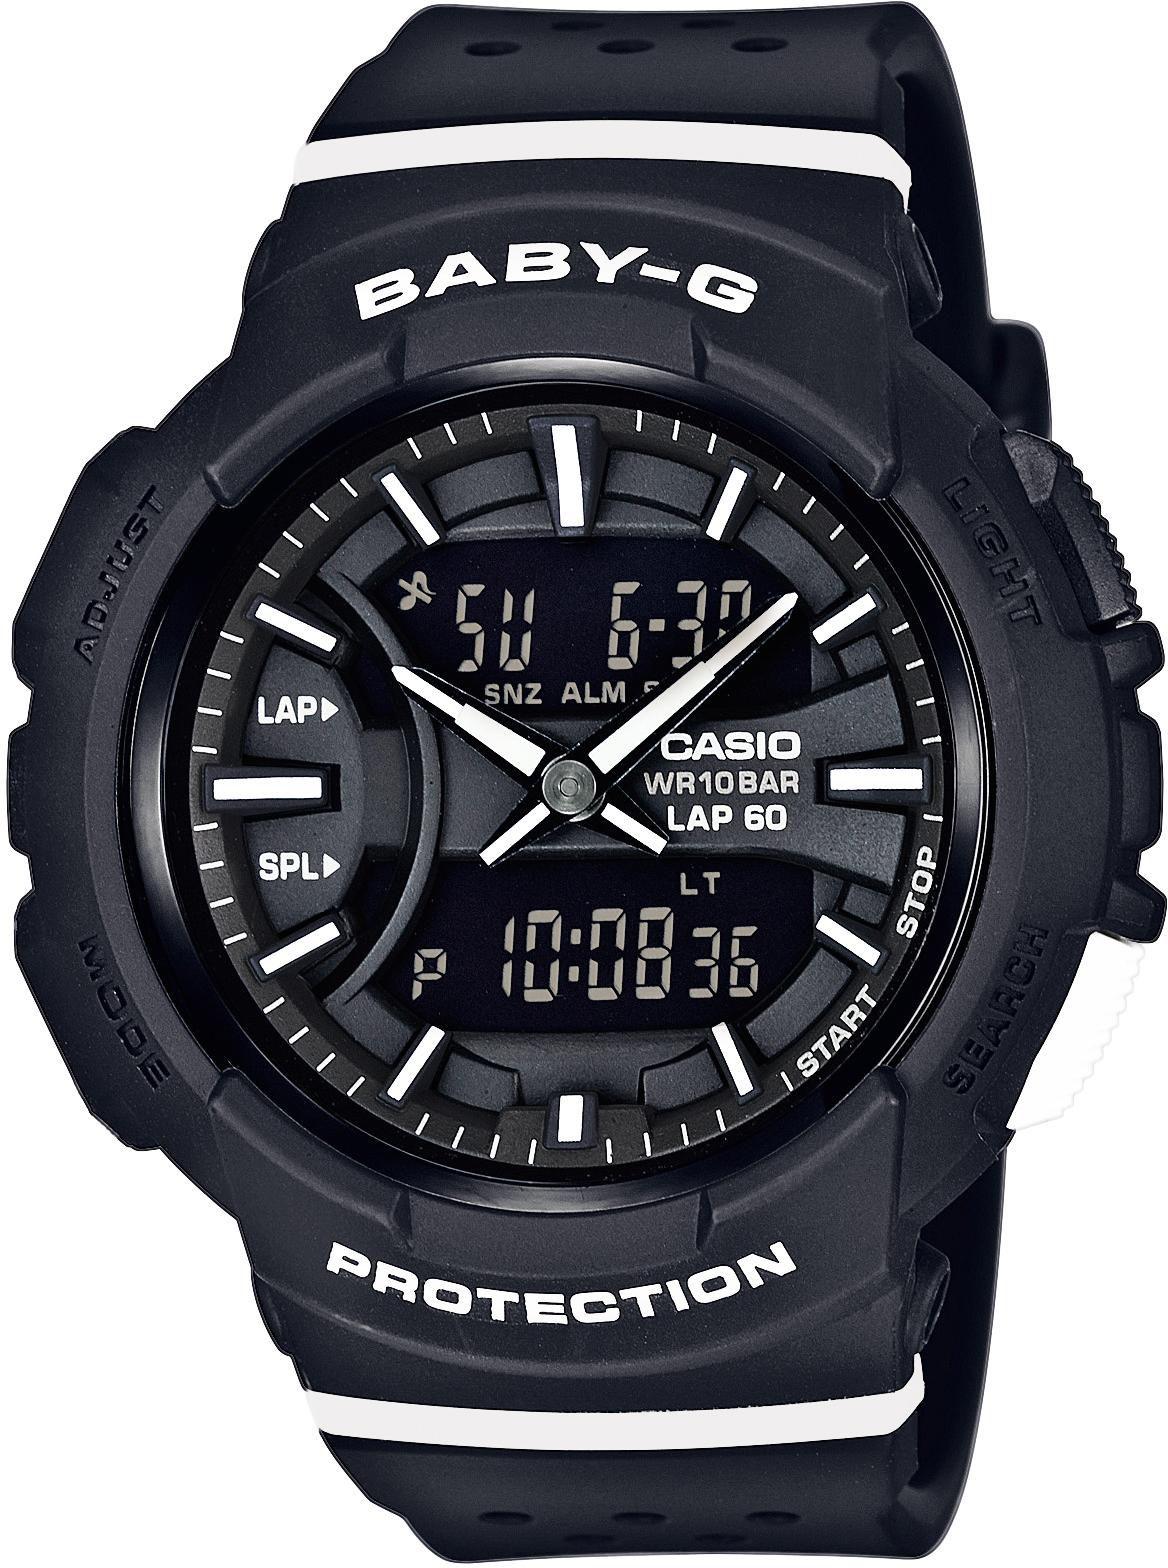 CASIO BABY G Baby-G AnaDigi Damenuhr Casio schwarz